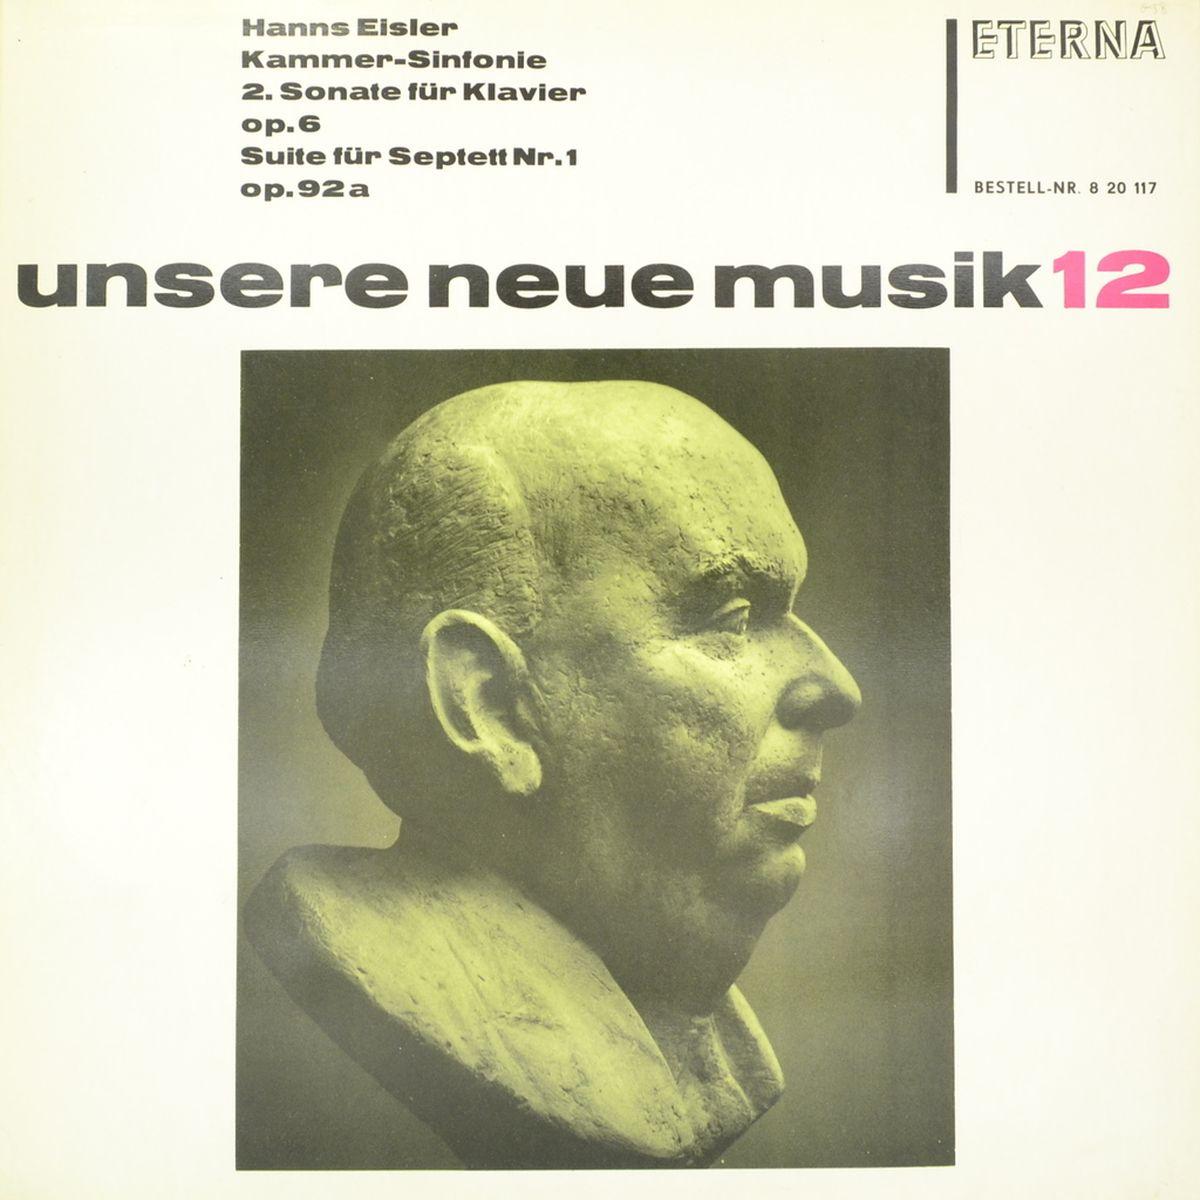 Hanns Eisler – Kammer-Sinfonie / 2. Sonate Fur Klavier, Op. 6 / Suite Fur Septett Nr. 1, Op. 92a (LP) анатоль угорский anatol ugorski beethoven sonate op 111 6 bagatellen op 126 fur elise